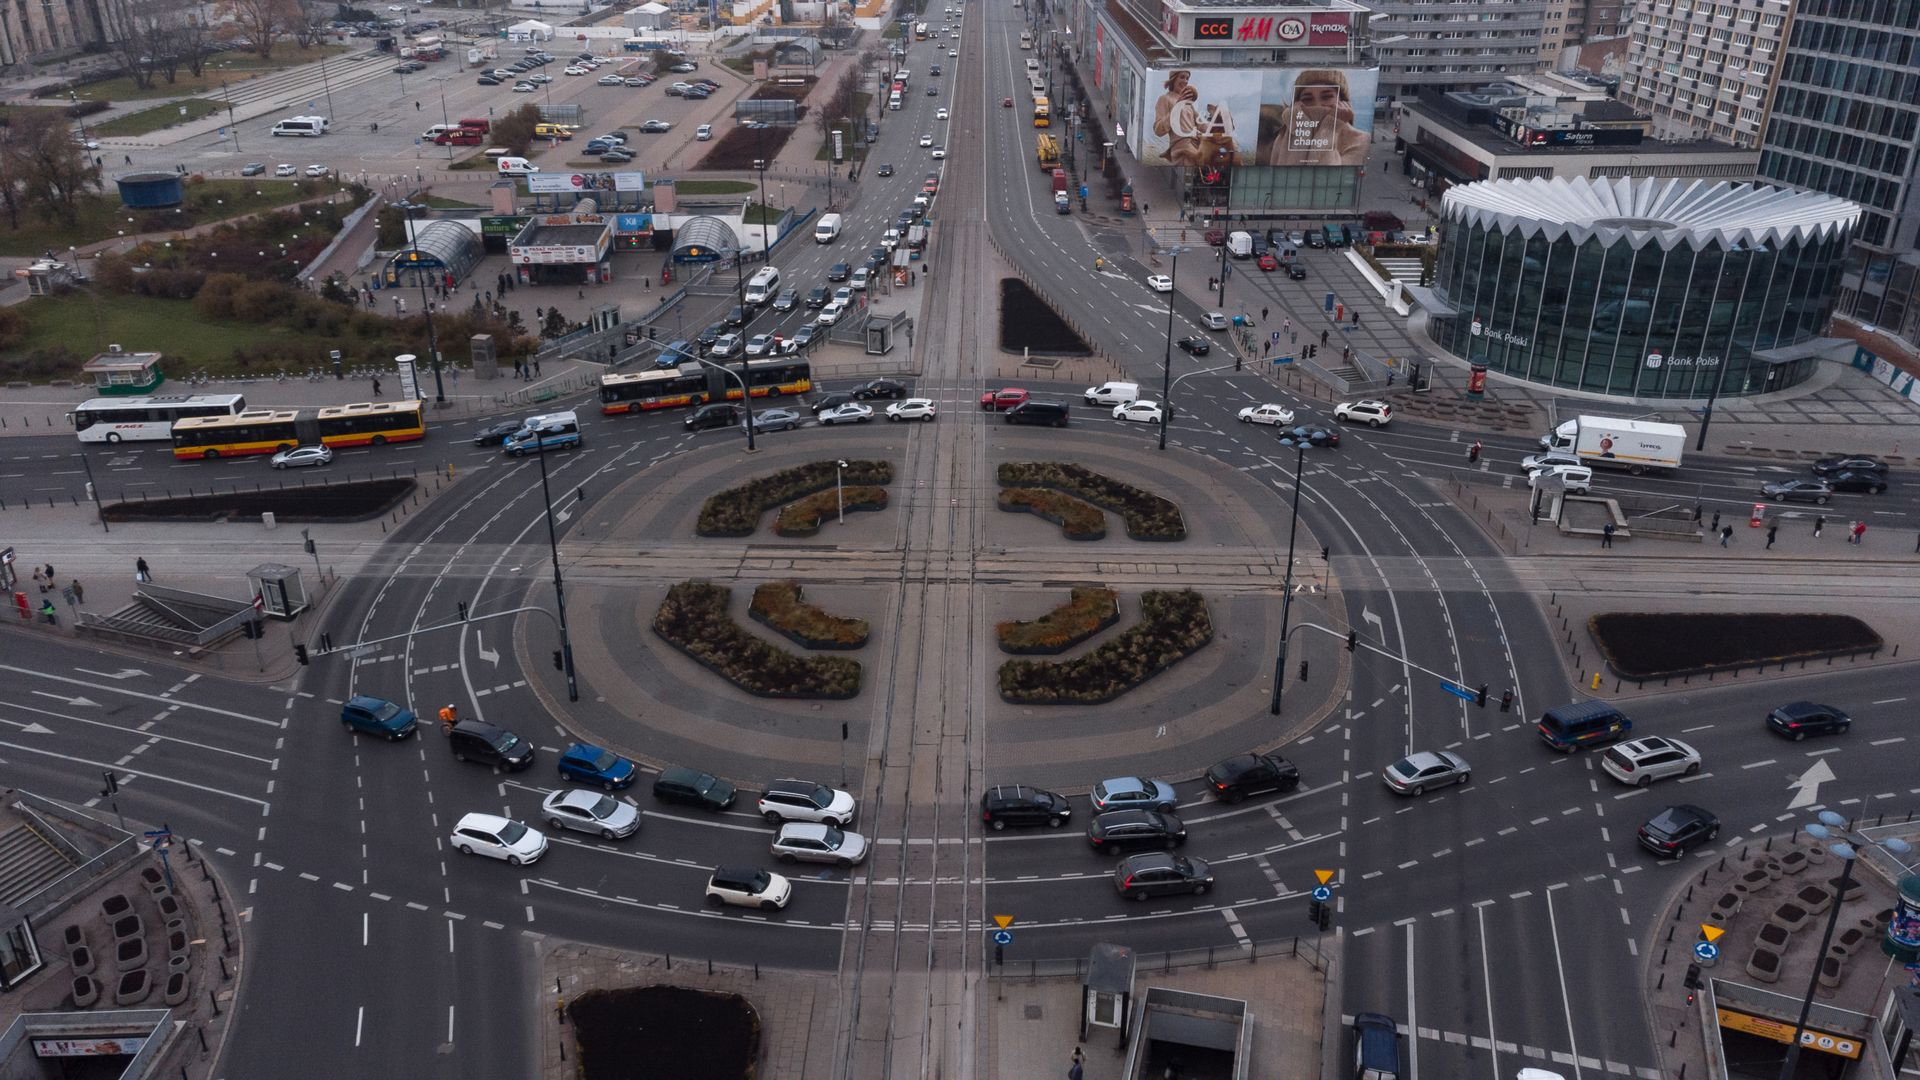 Ogłoszono przetarg na przebudowę Ronda Dmowskiego w Warszawie